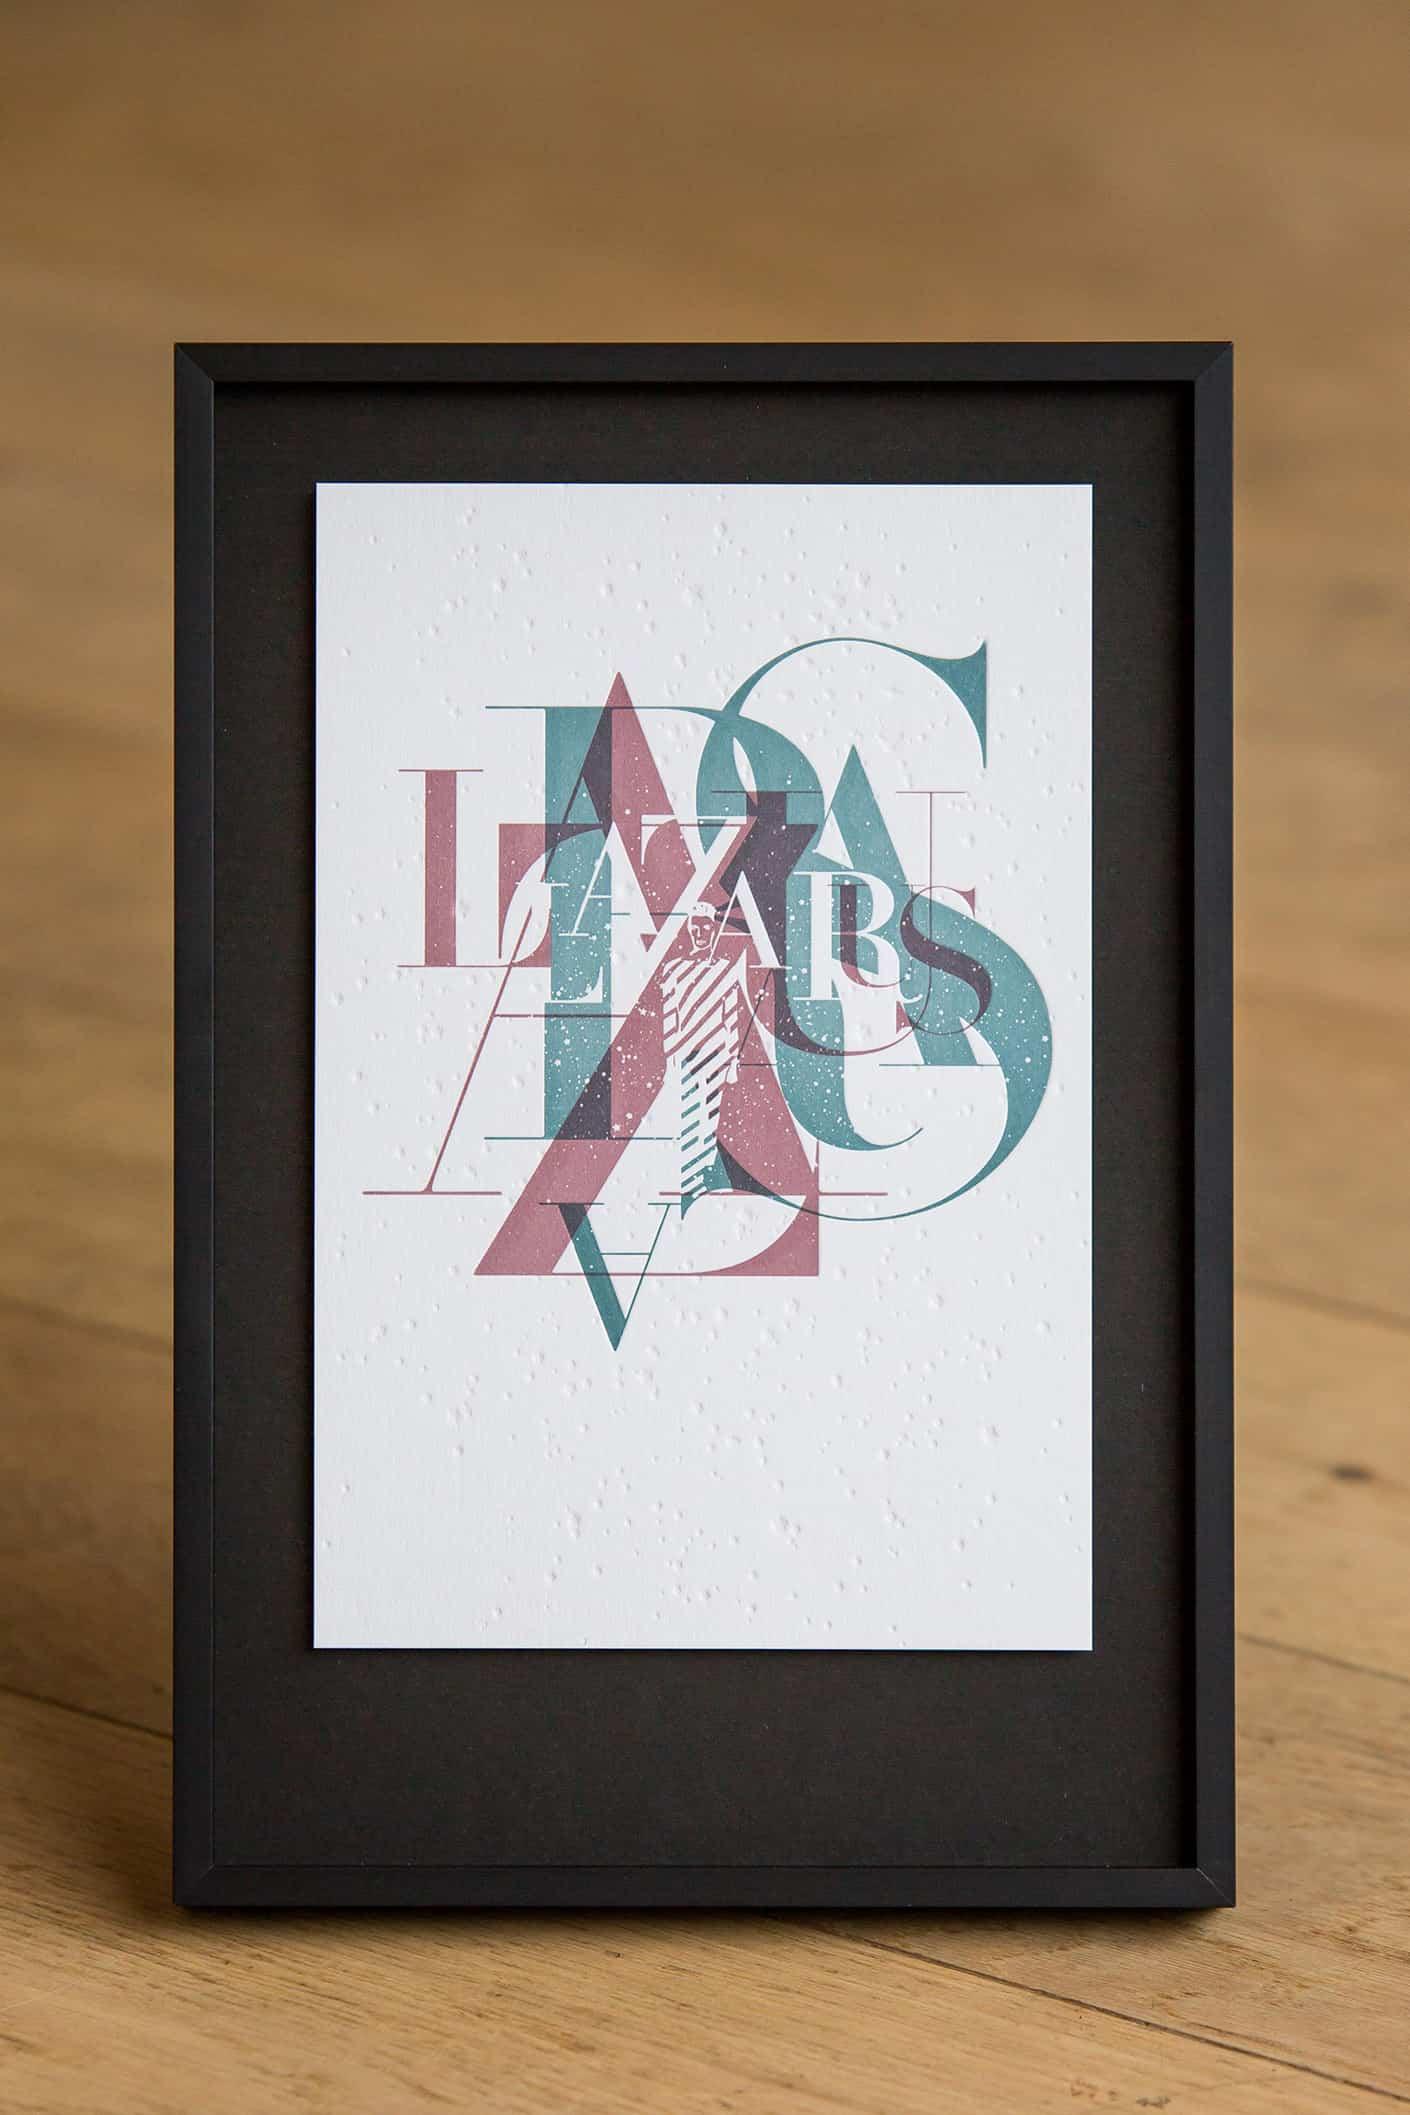 Laz_framed_X68A4966